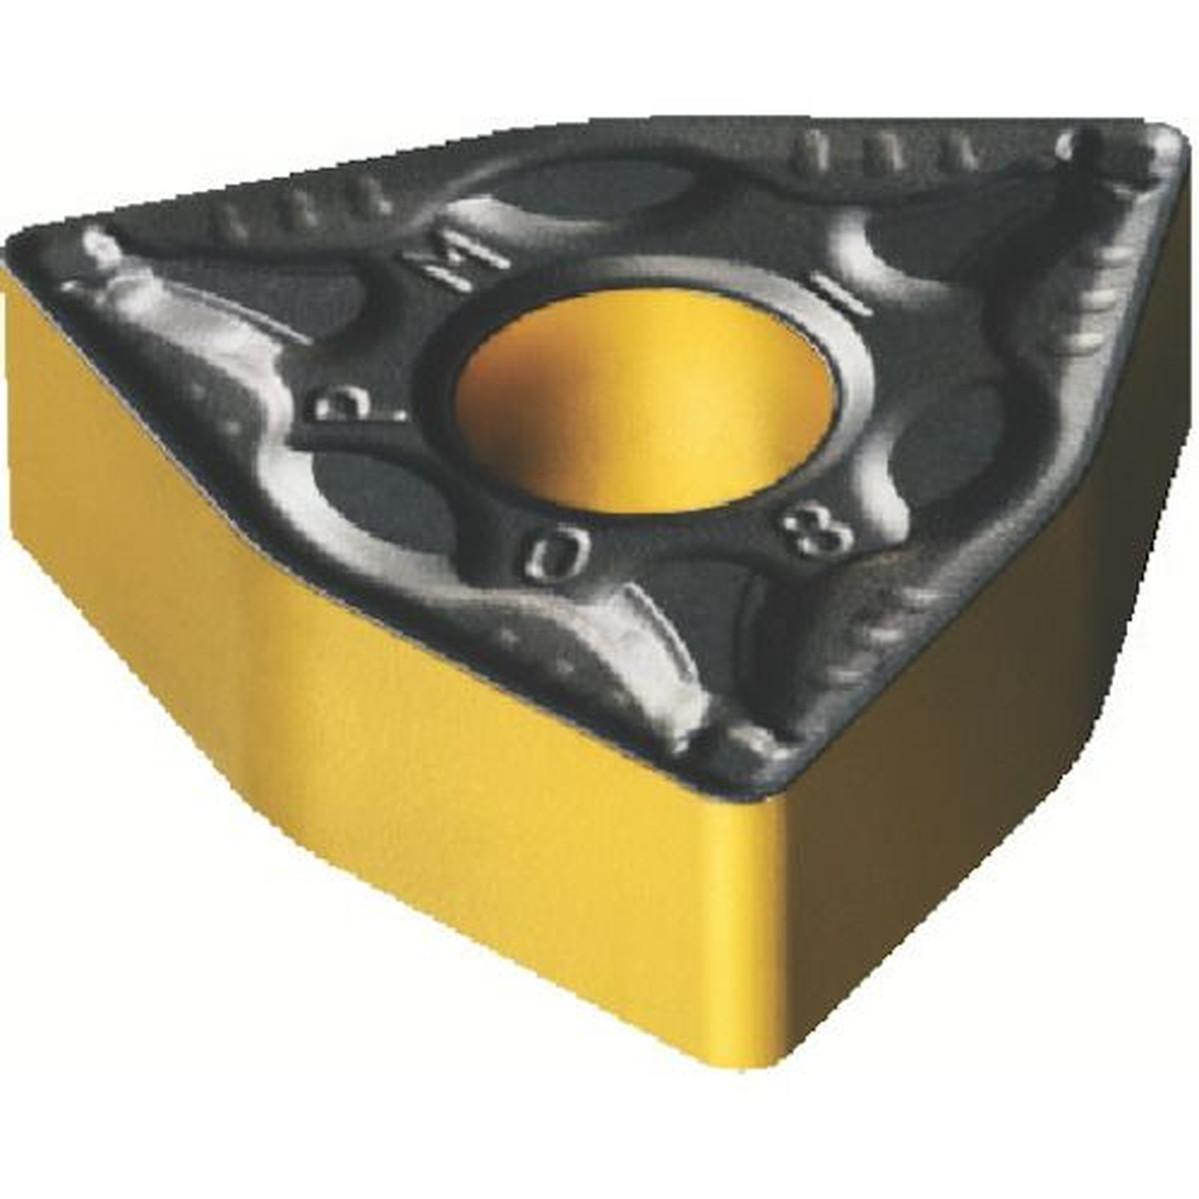 新品即決 サンドビック T-MAXPチップ 10個 COAT COAT サンドビック 10個, チネンソン:74df9cd7 --- lebronjamesshoes.com.co